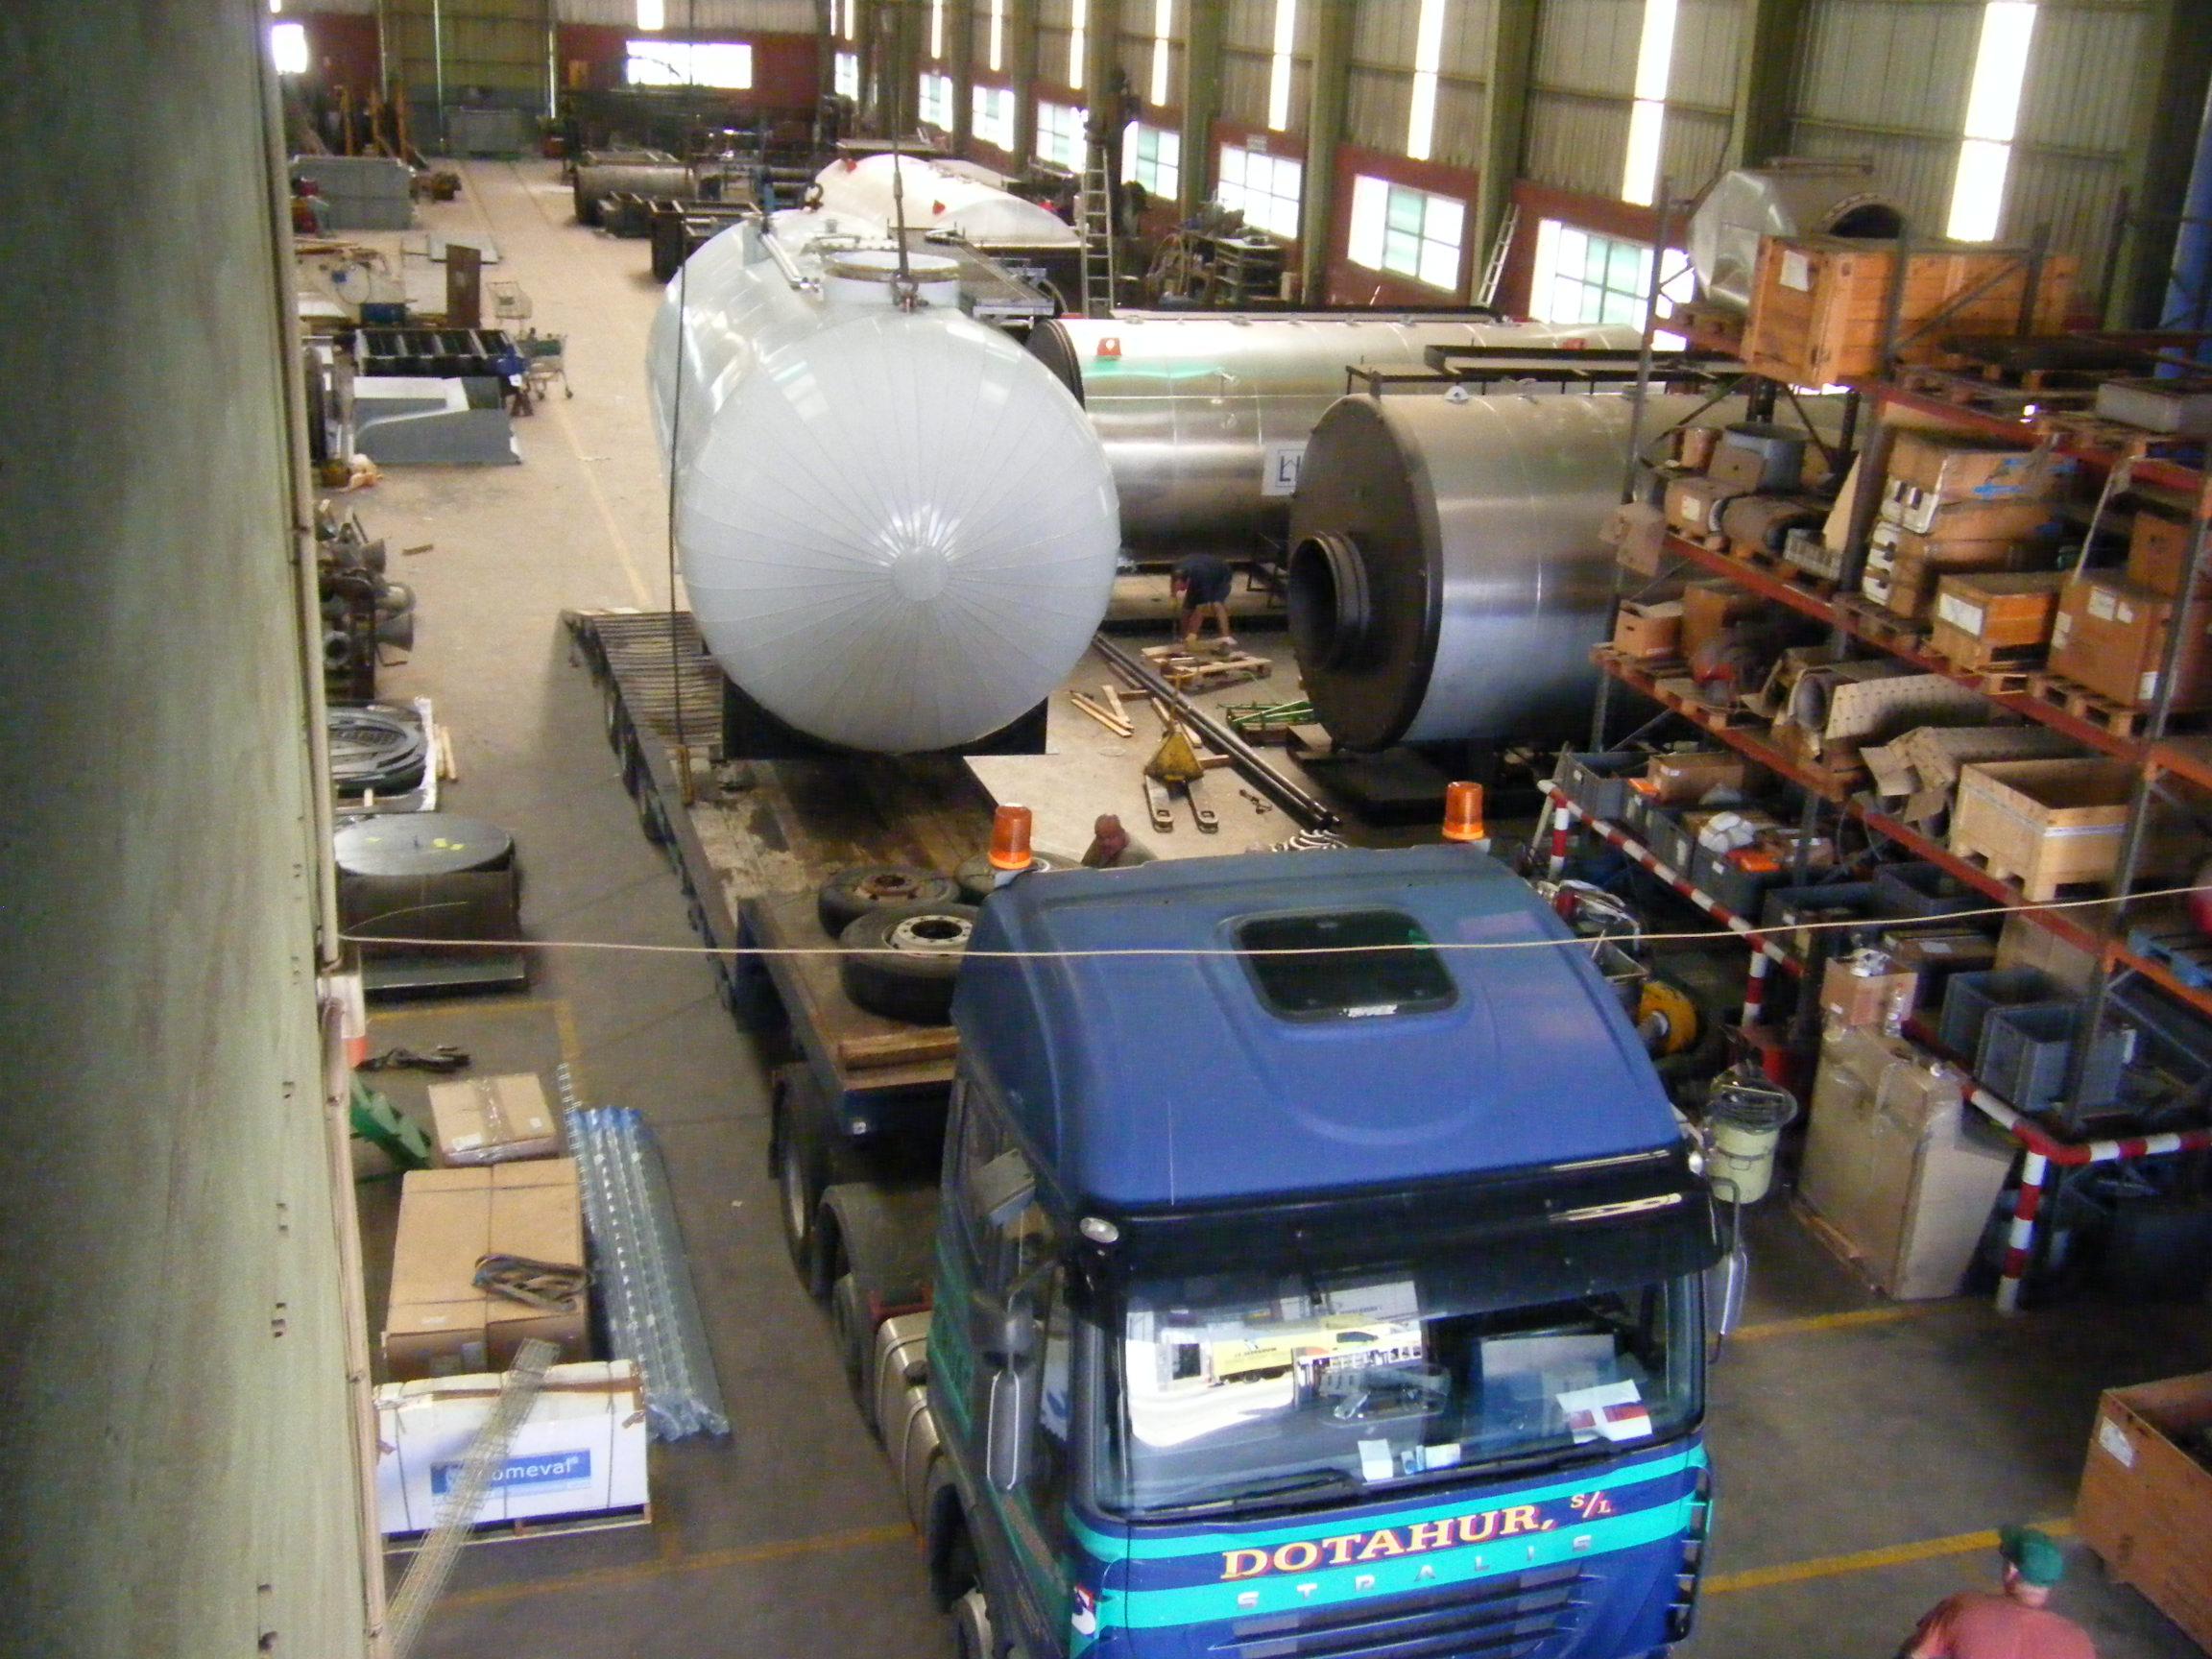 Calderas de vapor desgasificador DGV 7 Calderería López Hermanos, S.A. Valencia